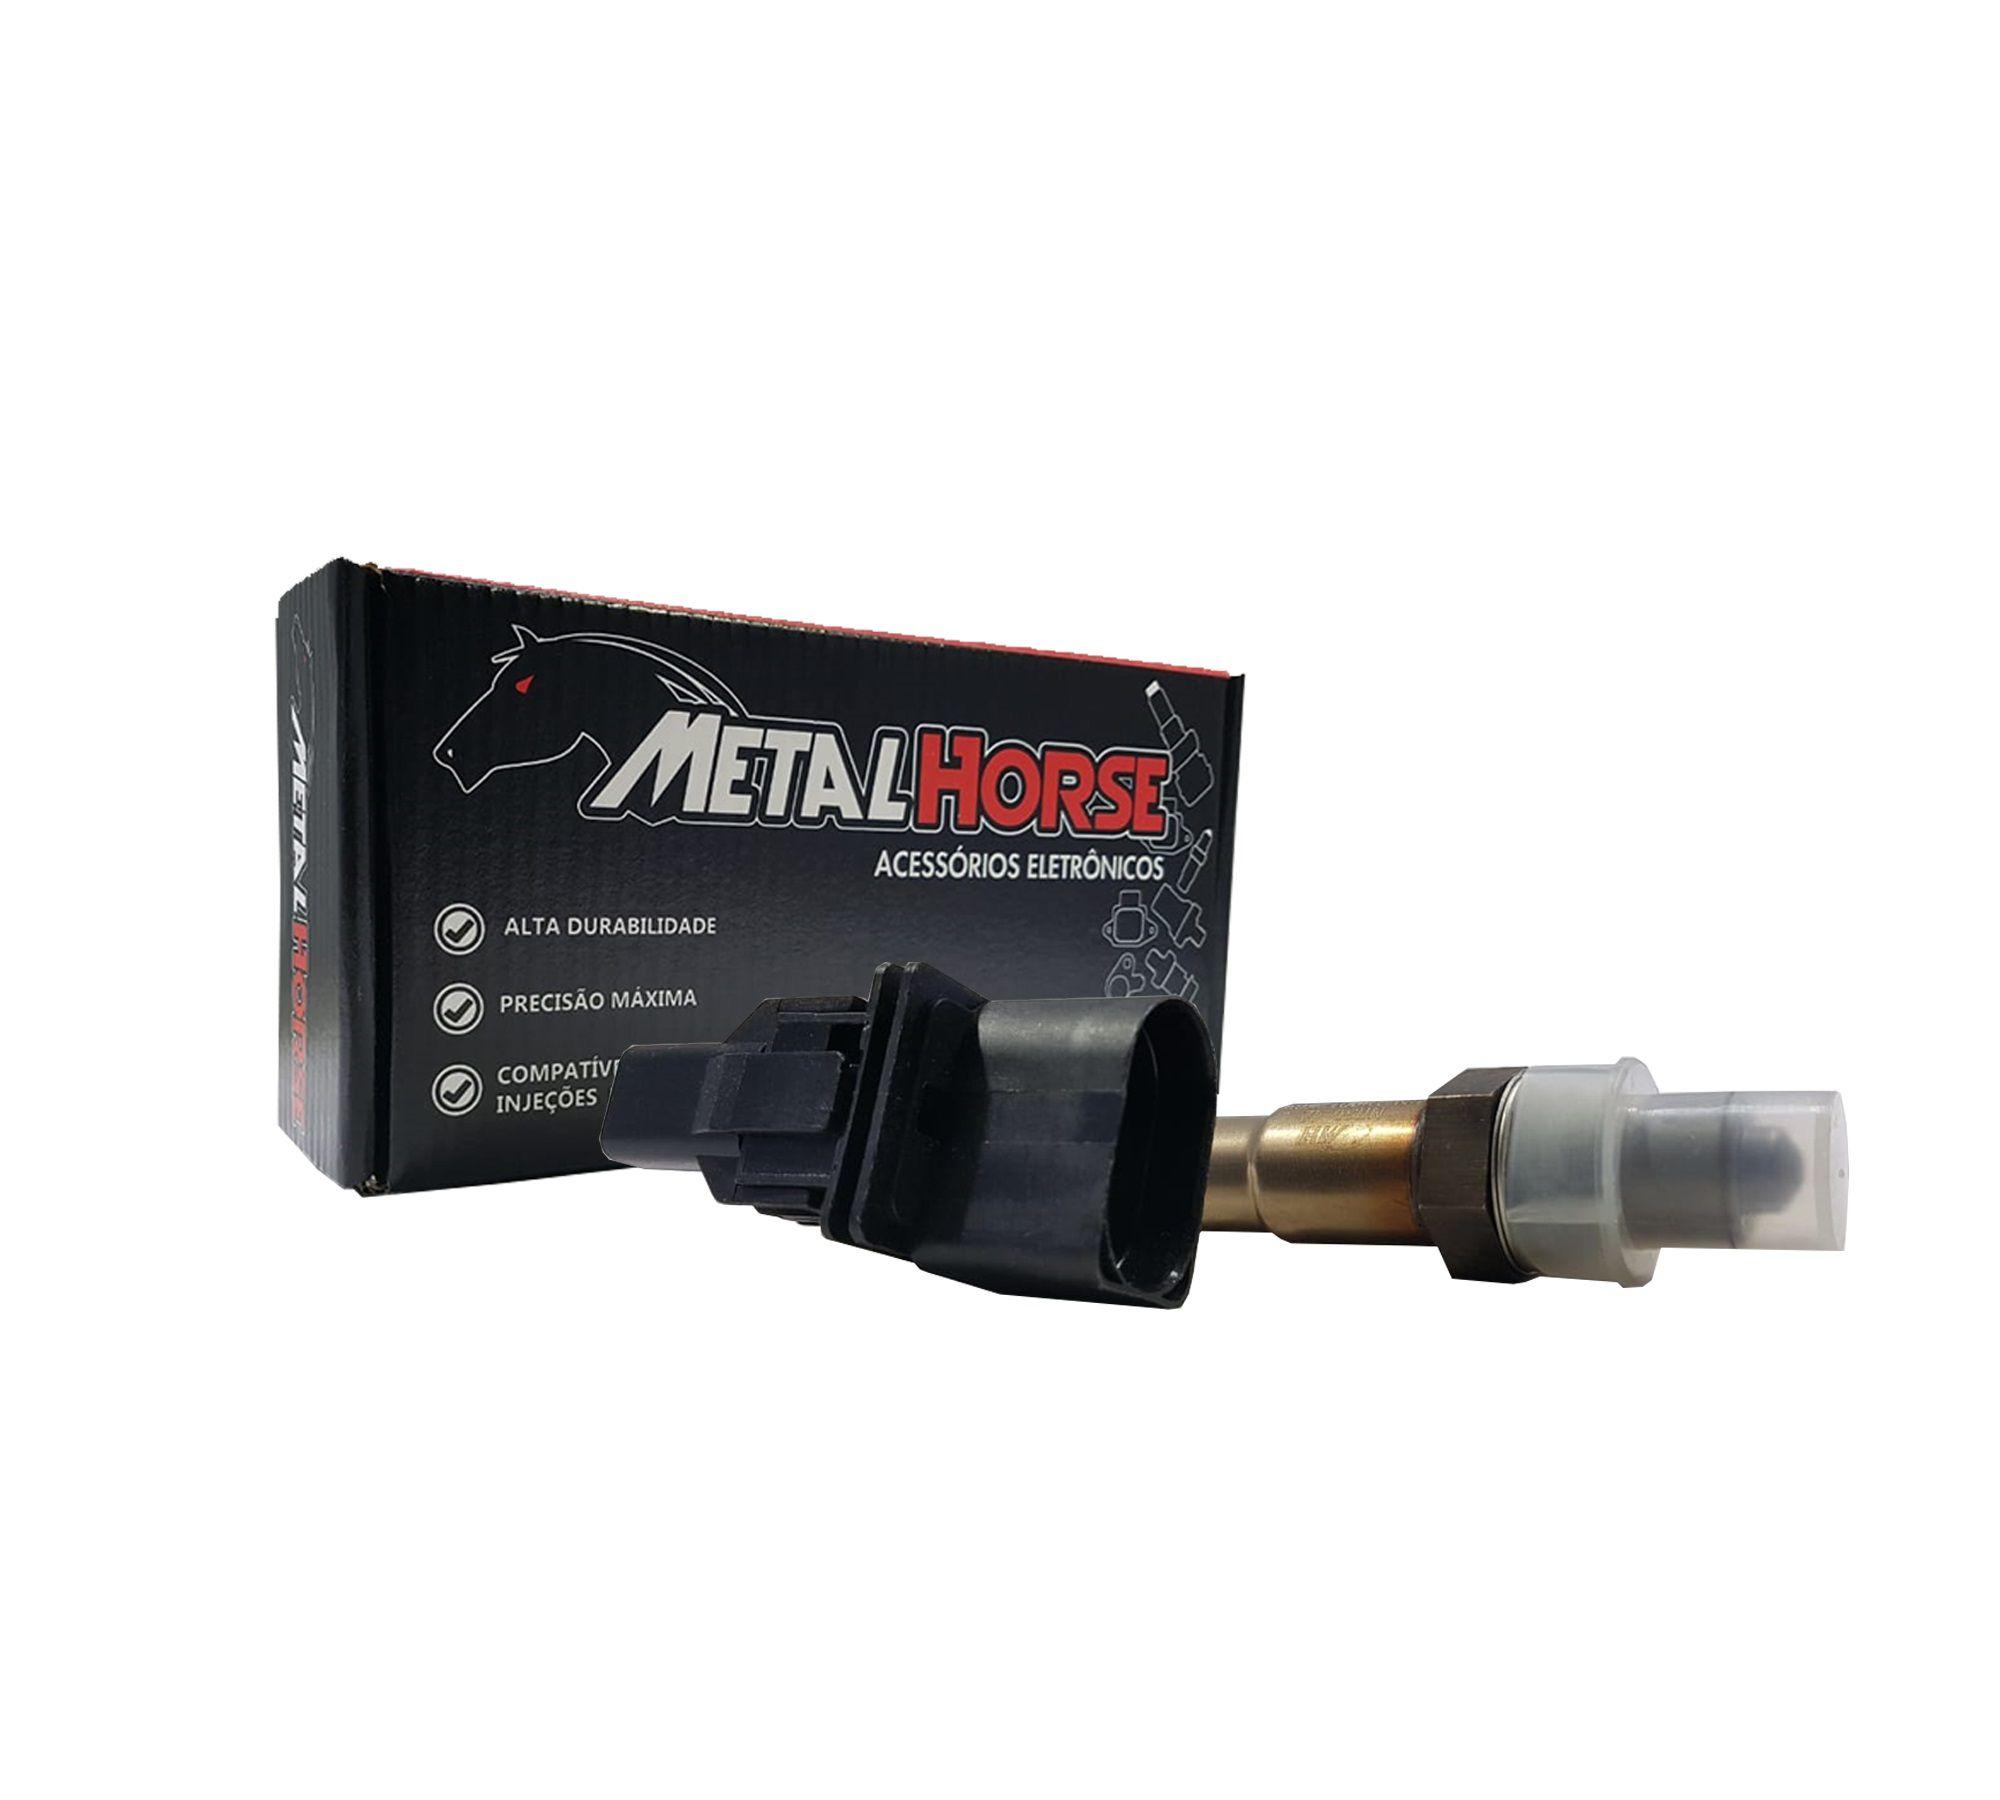 Fueltech Wideband Nano Com Sonda da Metal Horse